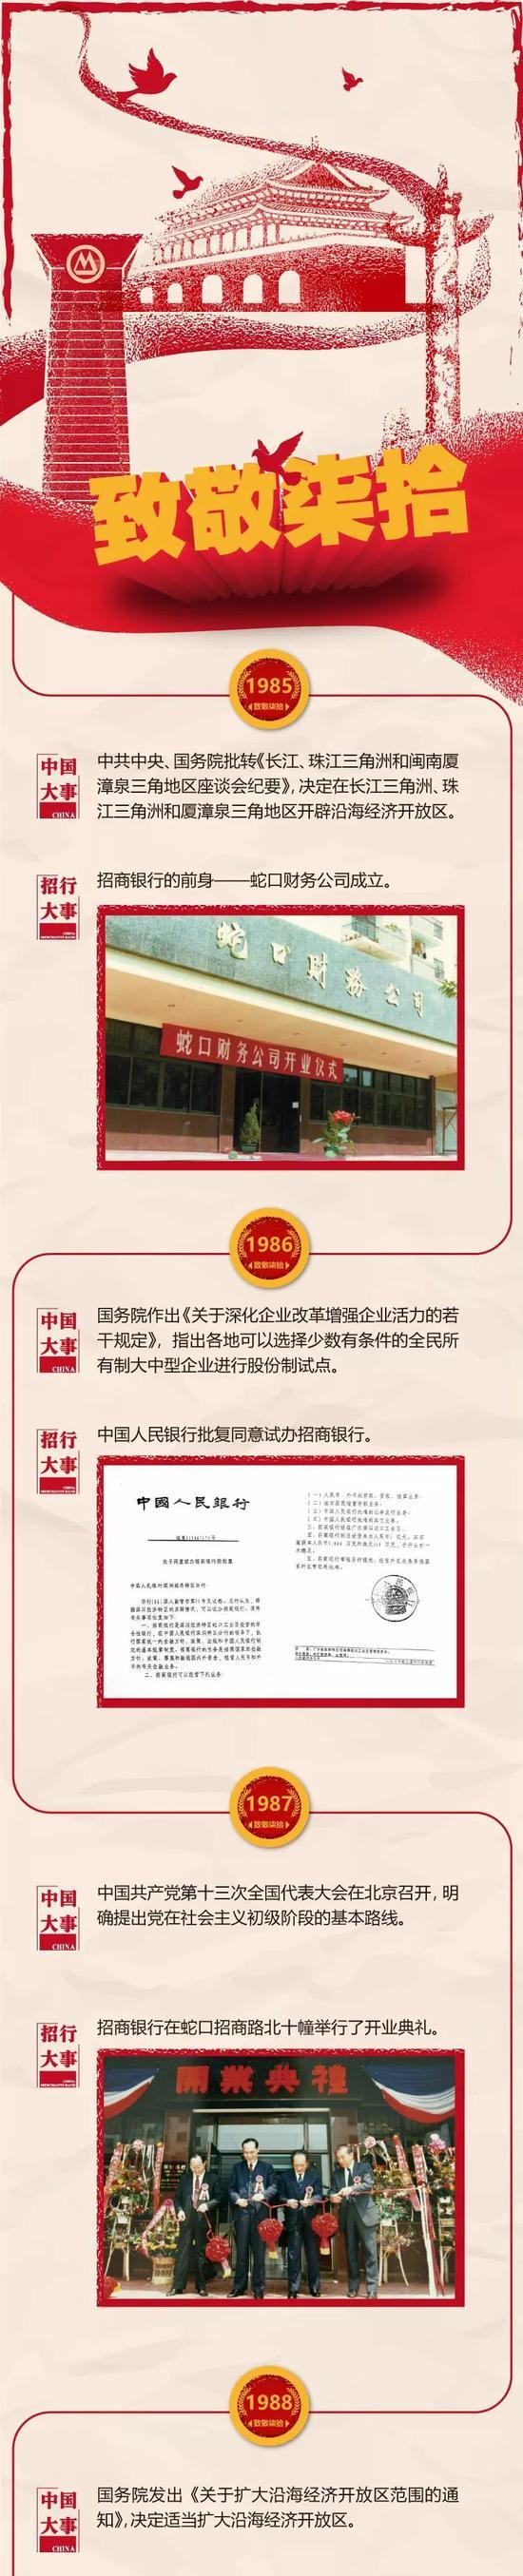 诸纪录履新江苏省政府正厅级副秘书长